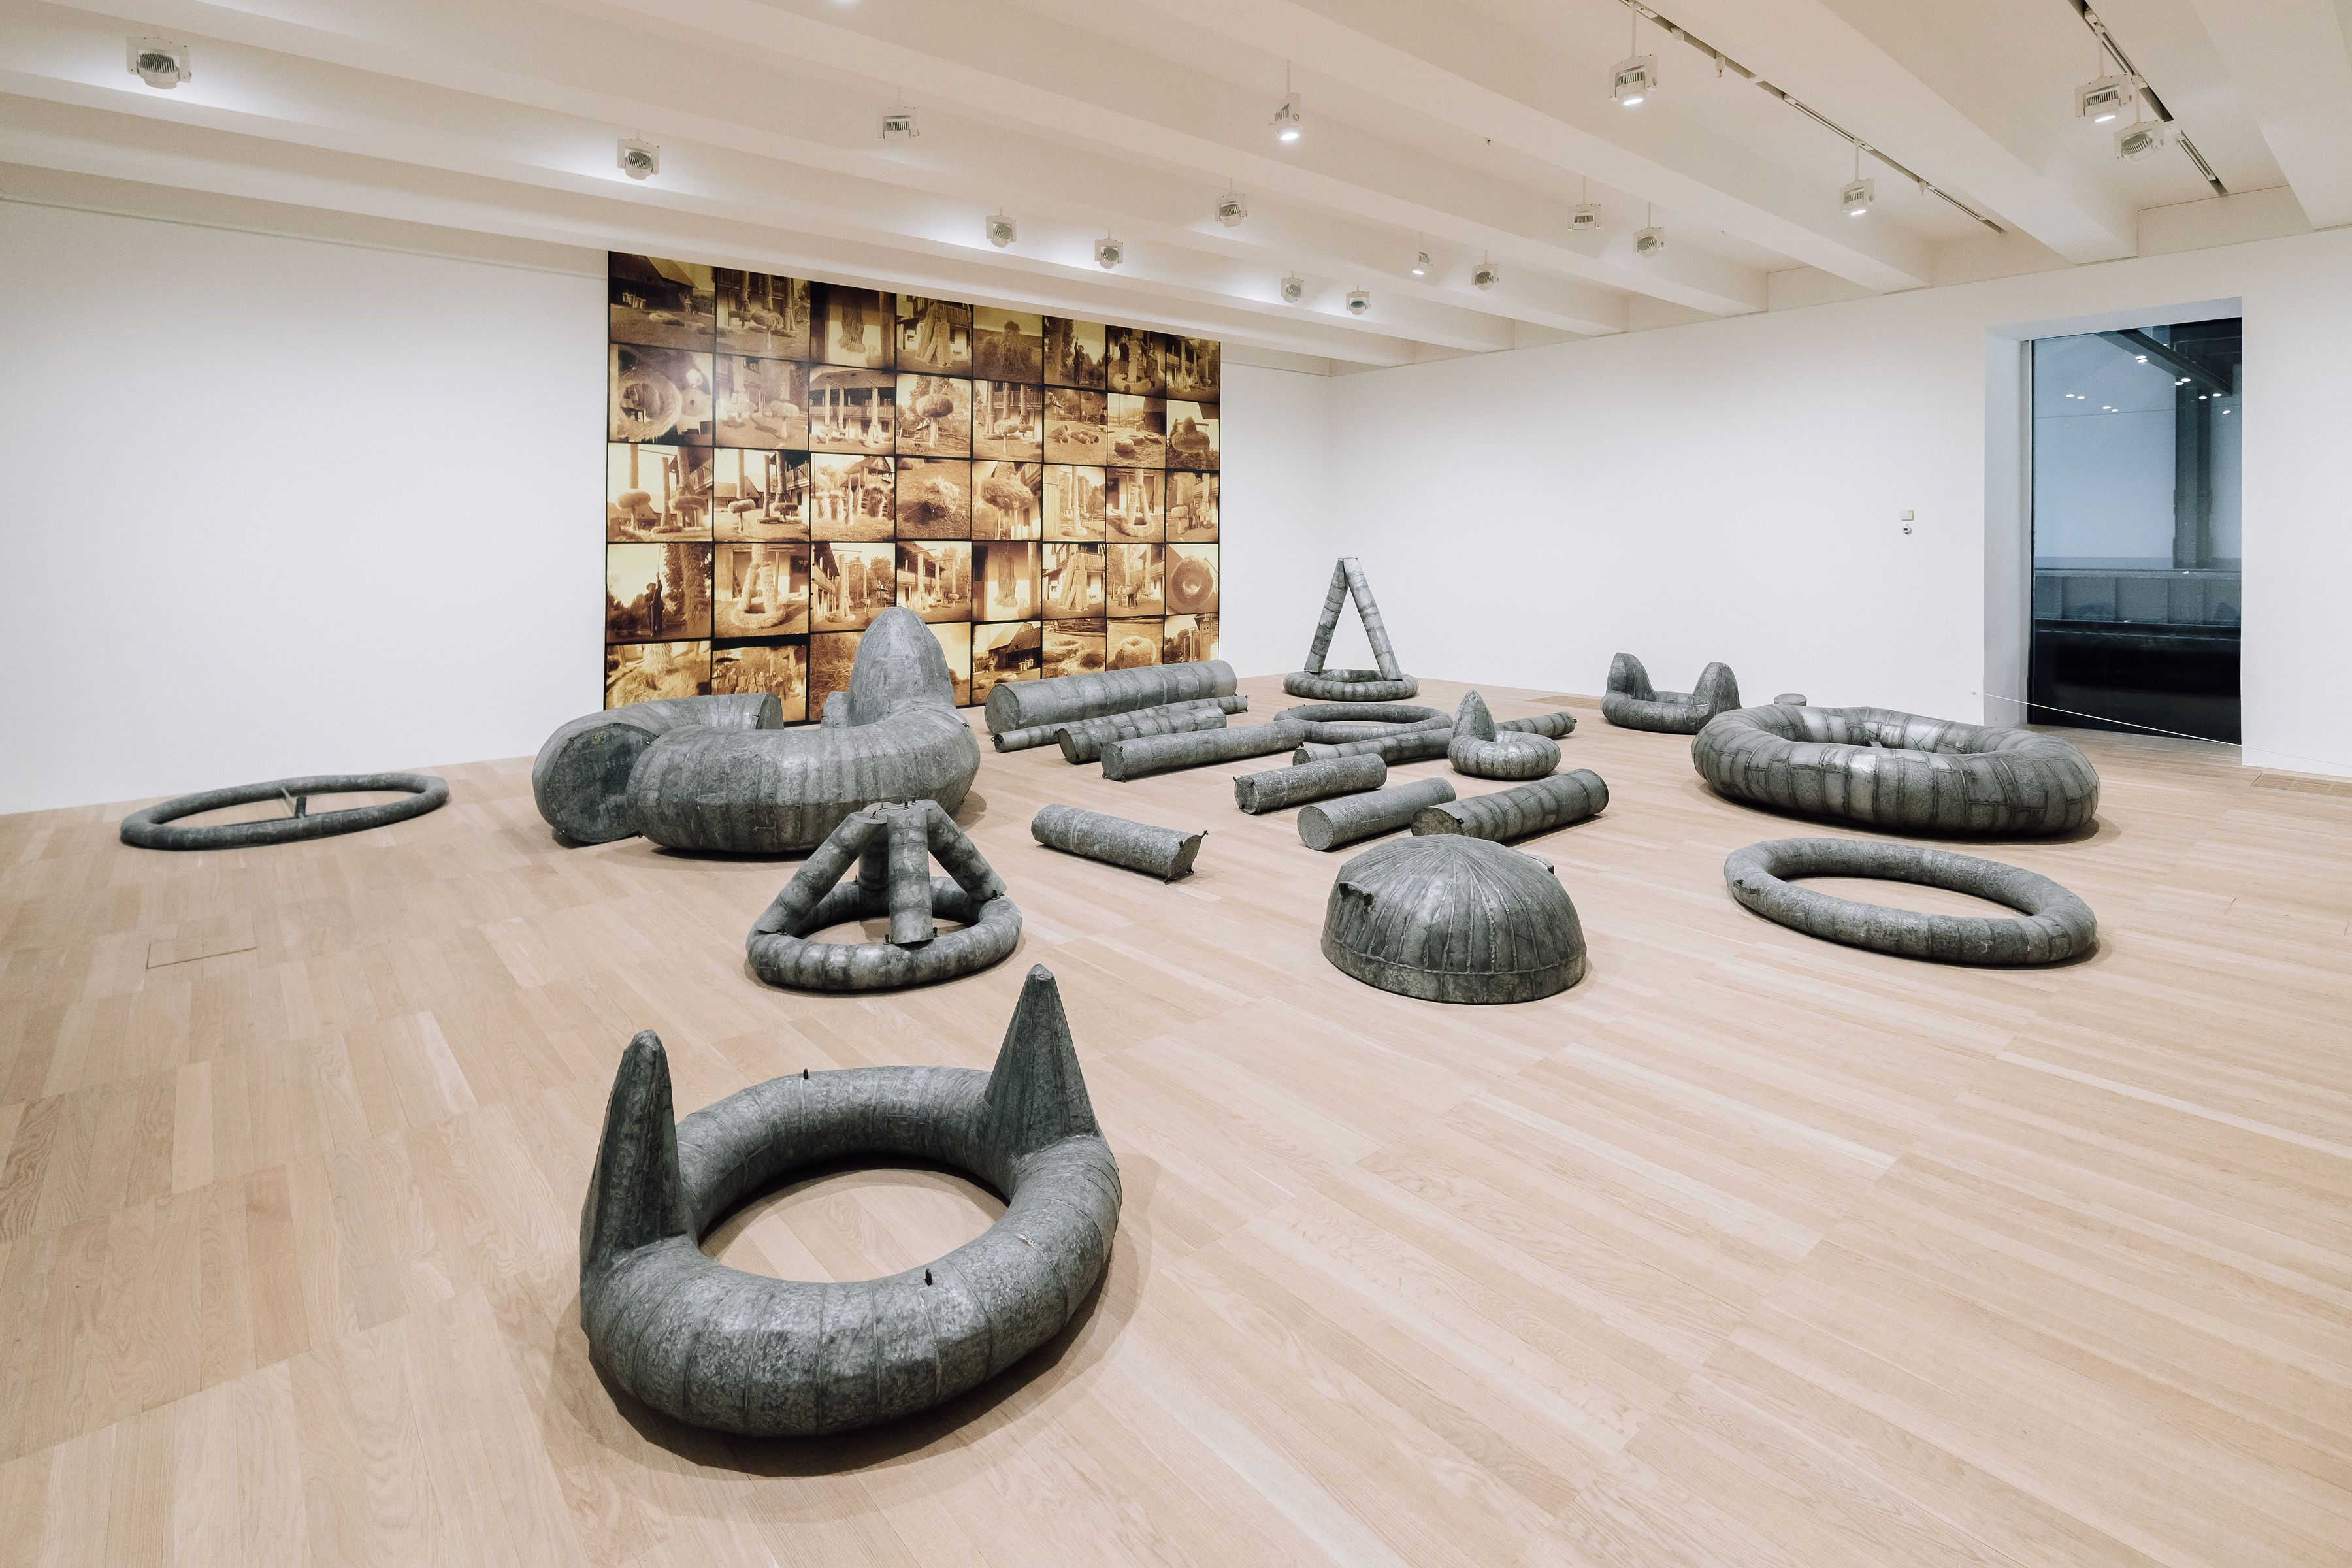 Sculptures in the art museum